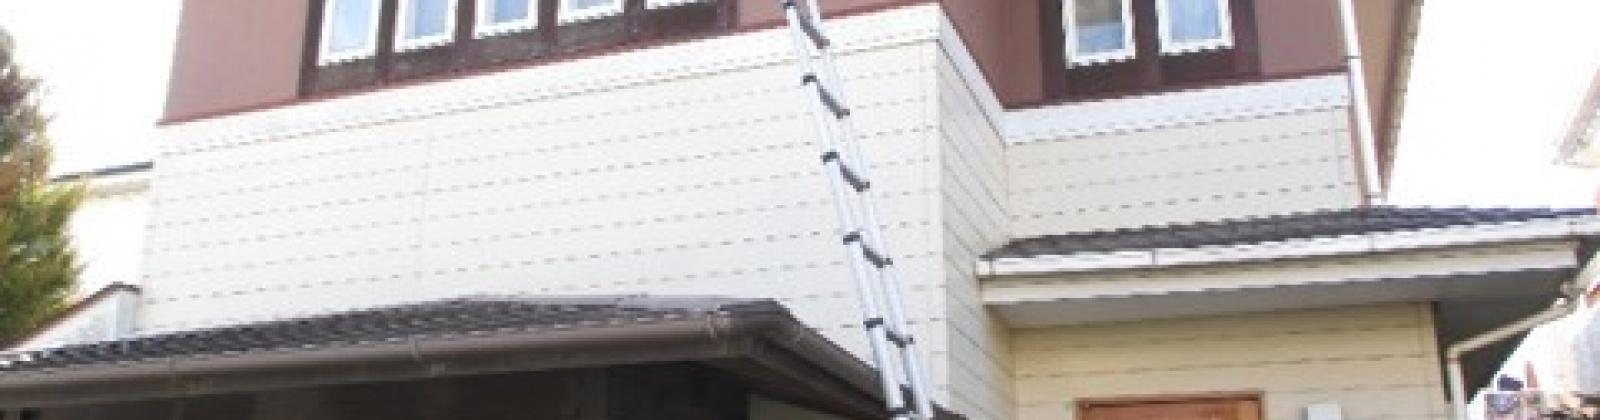 つくば市, 茨城県, ,外壁屋根塗装,その他,1052